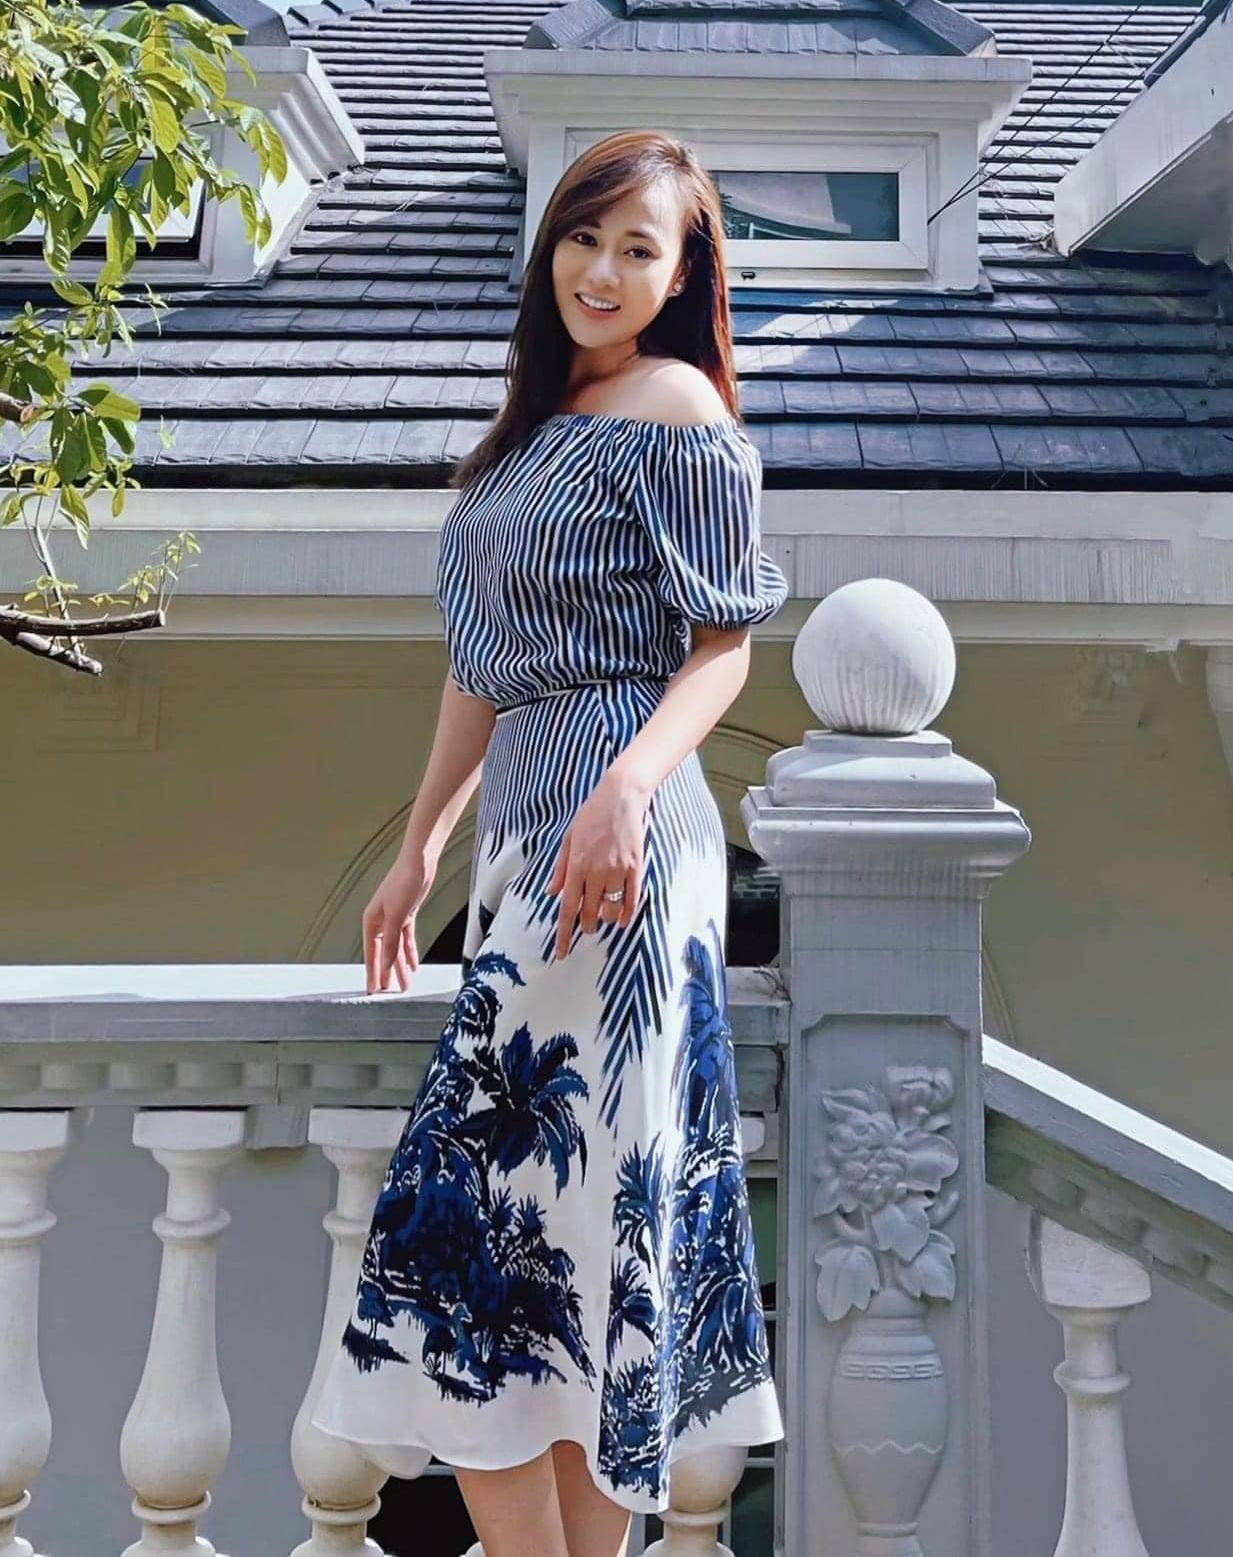 Thời trang gây tranh cãi của Phương Oanh trong Hương vị tình thân - 3